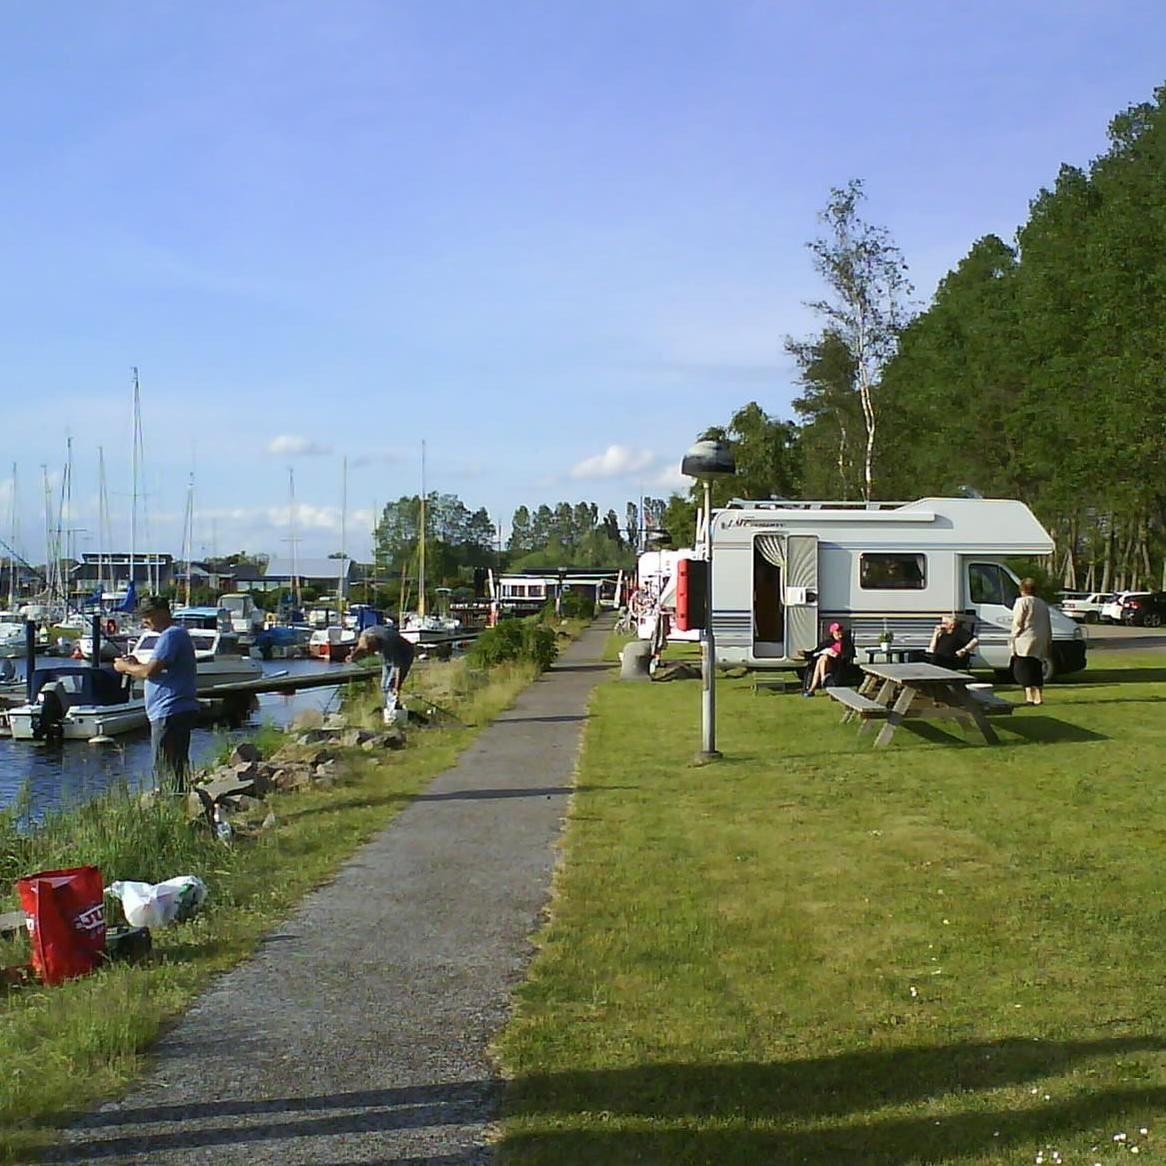 Ställplatser i Lundåkrahamnen,  © Ställplatser i Lundåkrahamnen, Ställplats Lundåkrahamnen